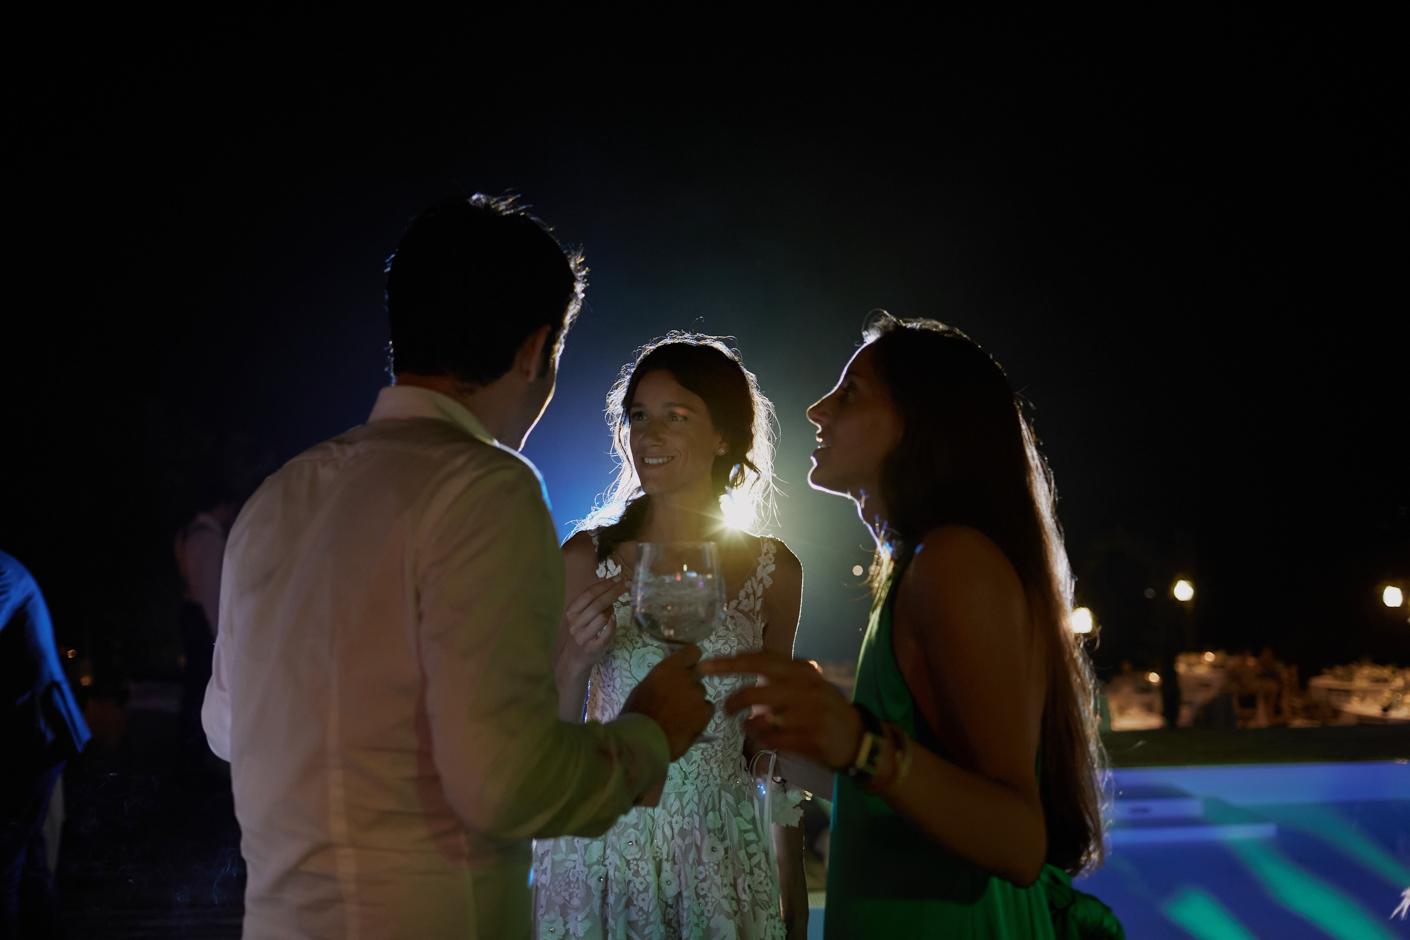 la festa di matrimonio presso la villa privata di famiglia in Costa smeralda